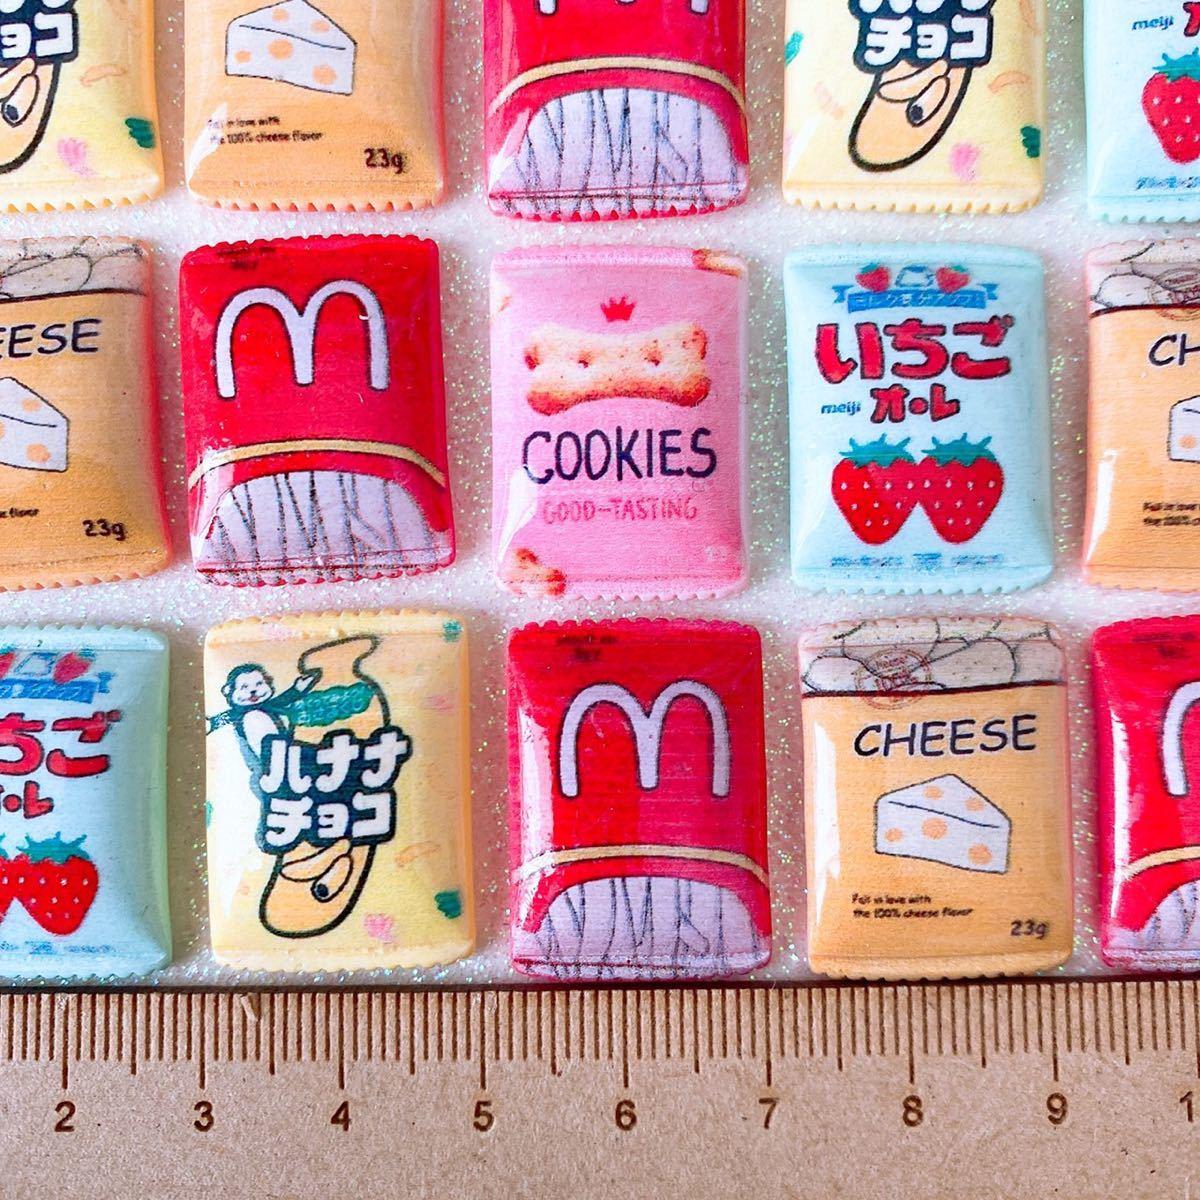 デコパーツ お菓子パーツ24個セット まとめ売り デコ素材 お菓子パッケージ